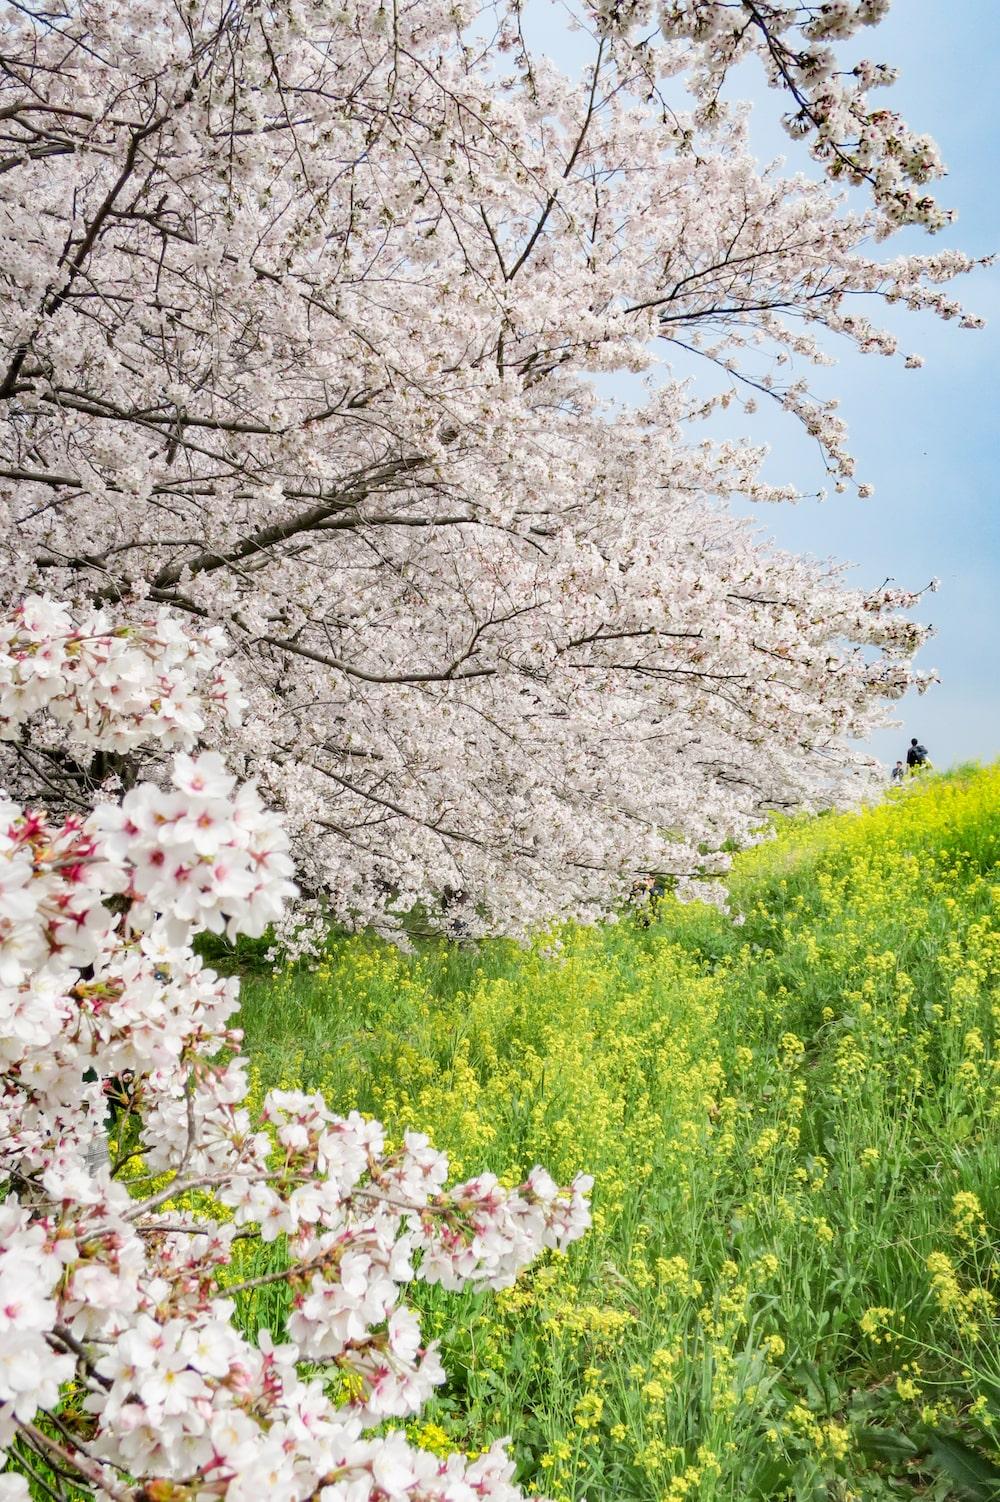 日本櫻花名所百選・埼玉「熊谷櫻堤」一整面櫻花與油菜花